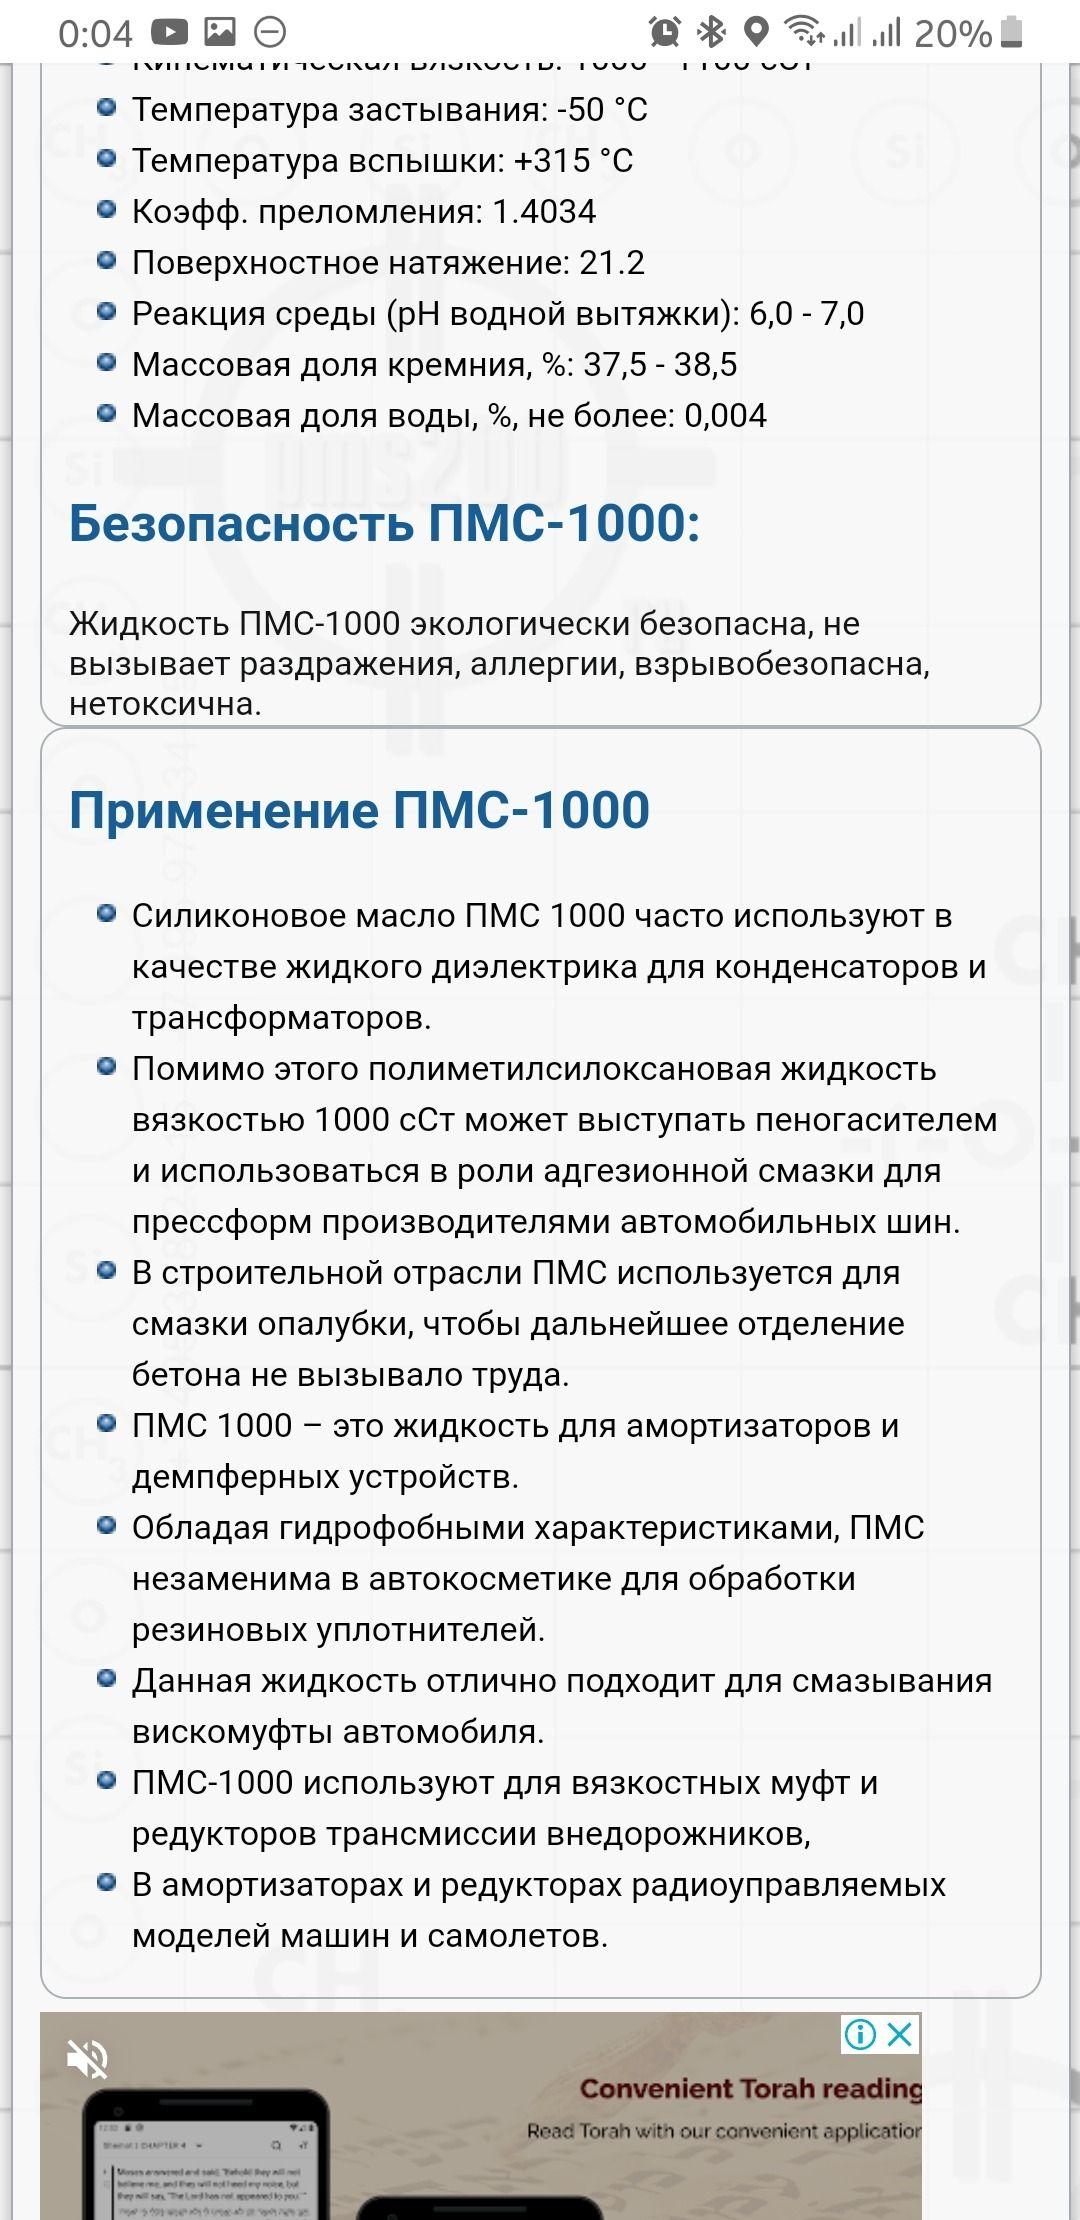 Screenshot_20211013-000428_Chrome.jpg